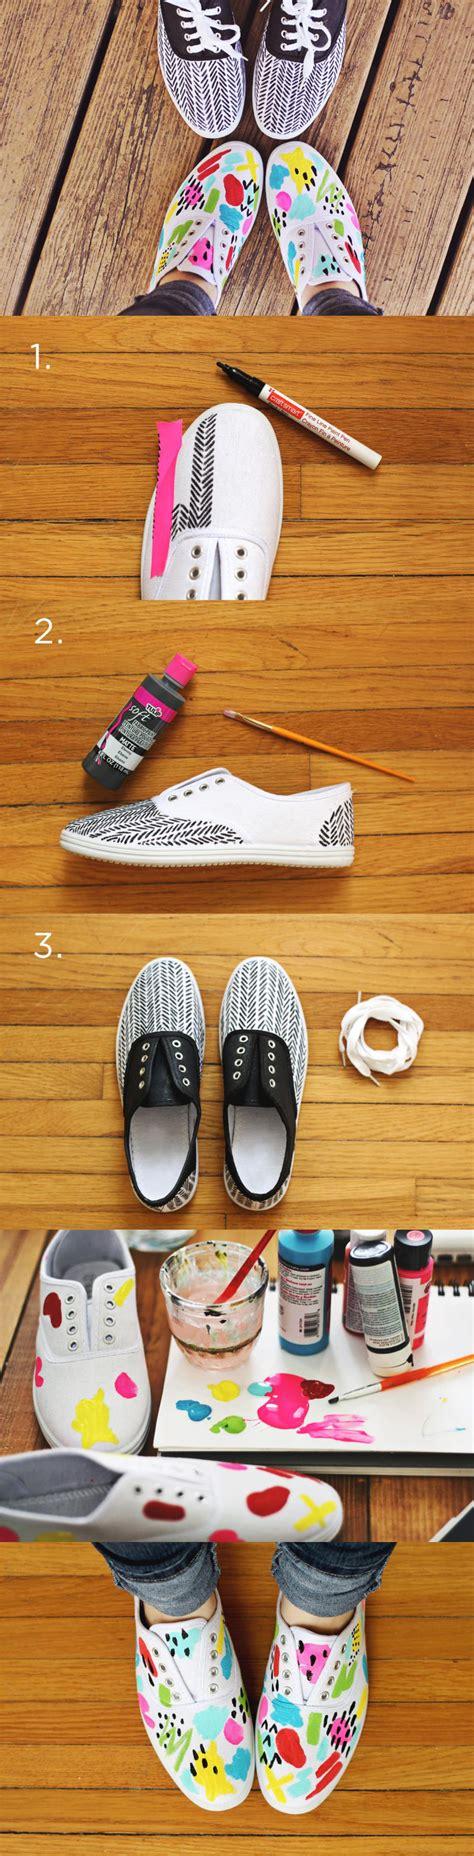 decorar zapatos con marcadores personaliza tus zapatillas diy ideas pinterest